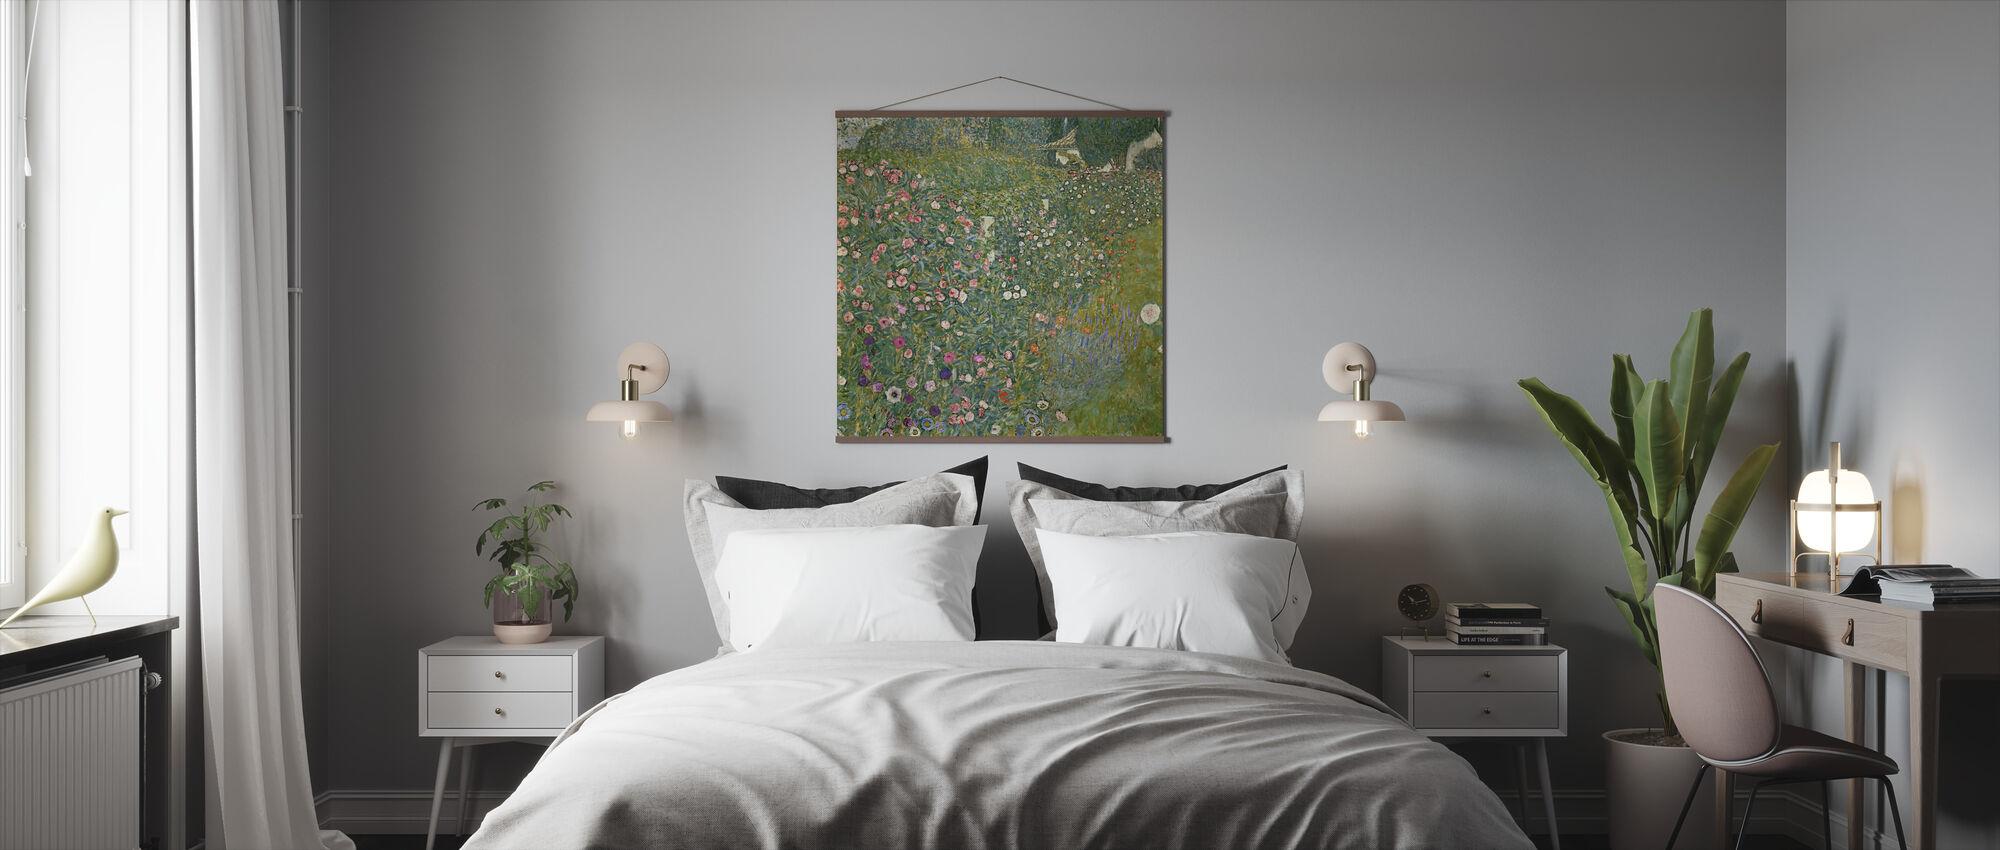 Klimt, Gustav - Italiaans tuinlandschap - Poster - Slaapkamer